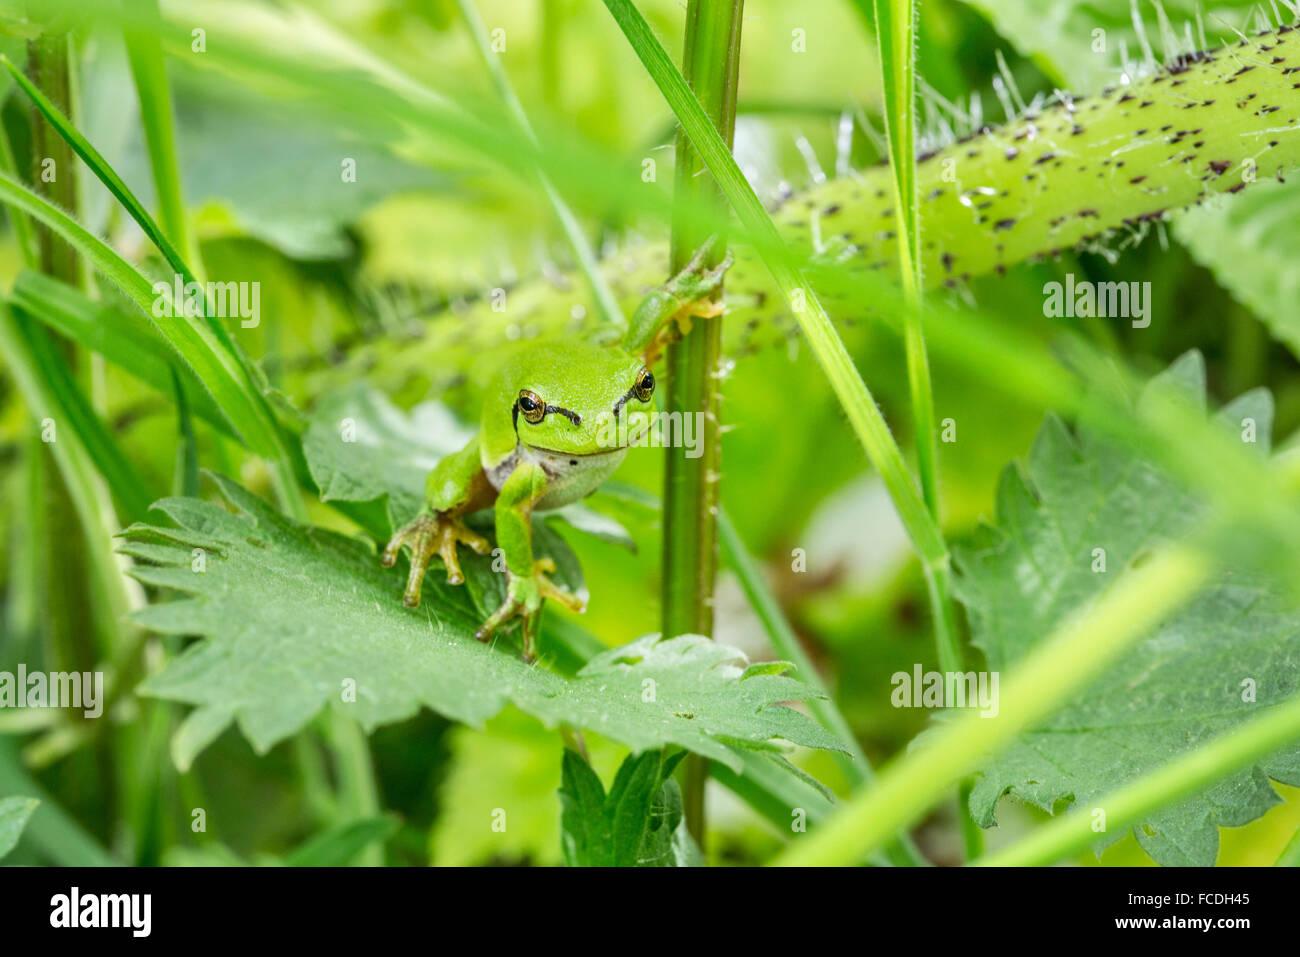 Netherlands, Susteren near Echt. Nature reserve De Doort. European tree frog (Hyla arborea formerly Rana arborea) - Stock Image